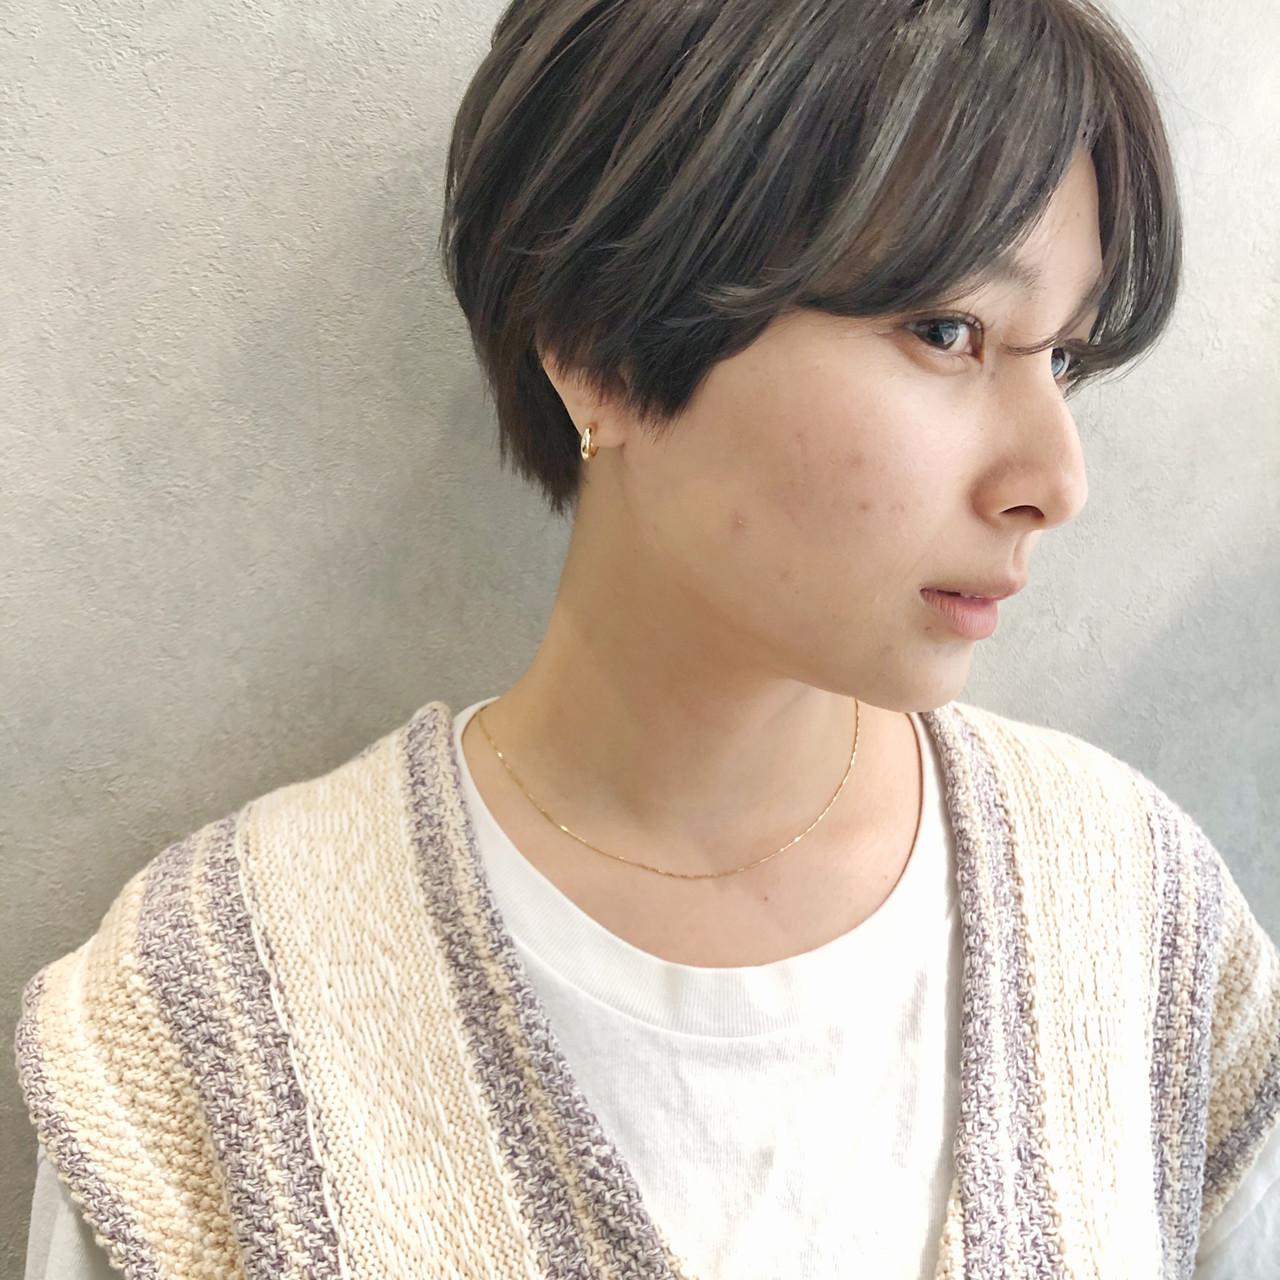 ショート ベリーショート ショートヘア 髪質改善 ヘアスタイルや髪型の写真・画像